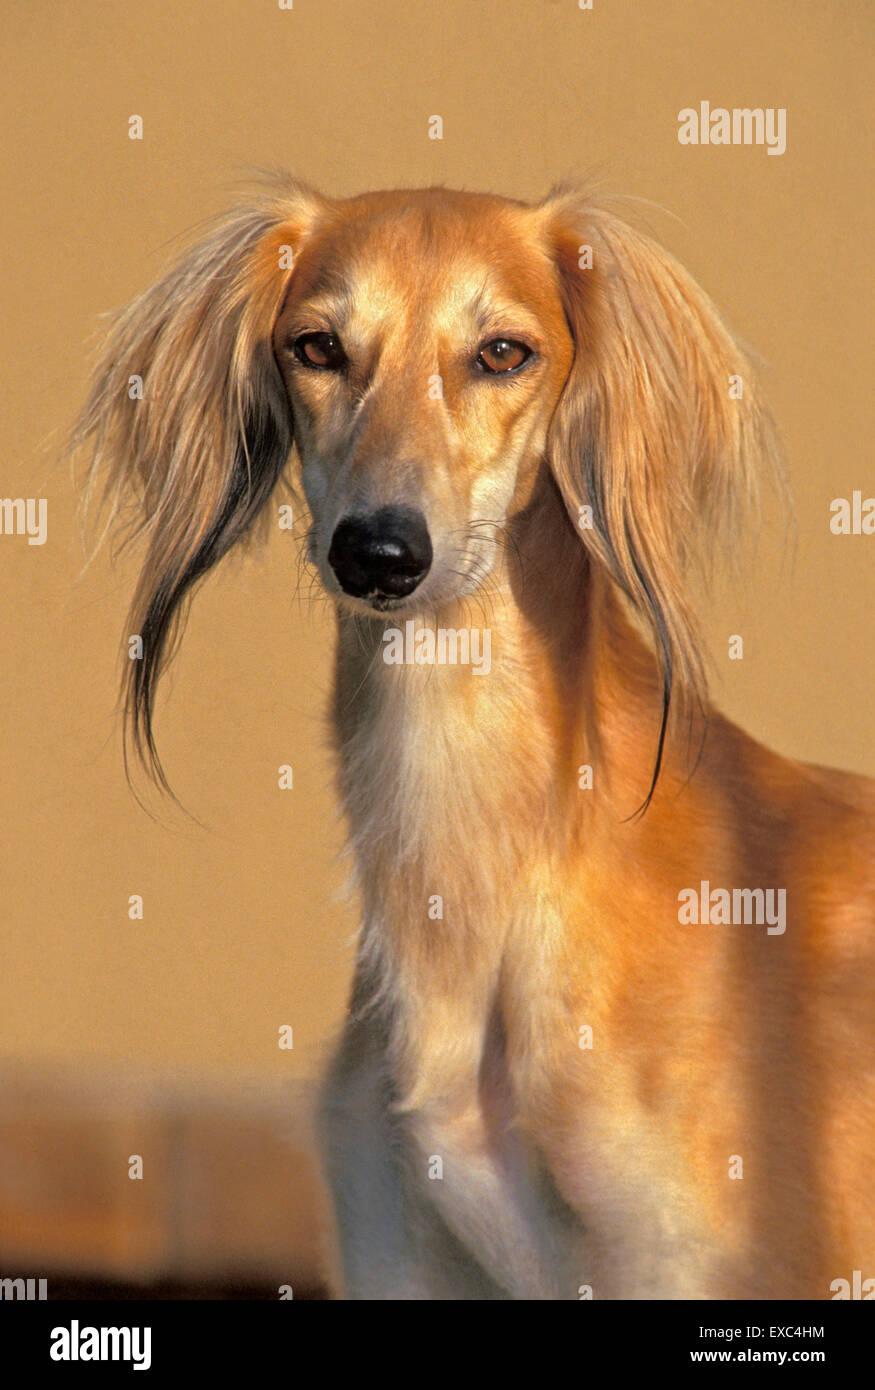 Hermoso perro Saluki o galgo persa, macho, retrato Foto de stock